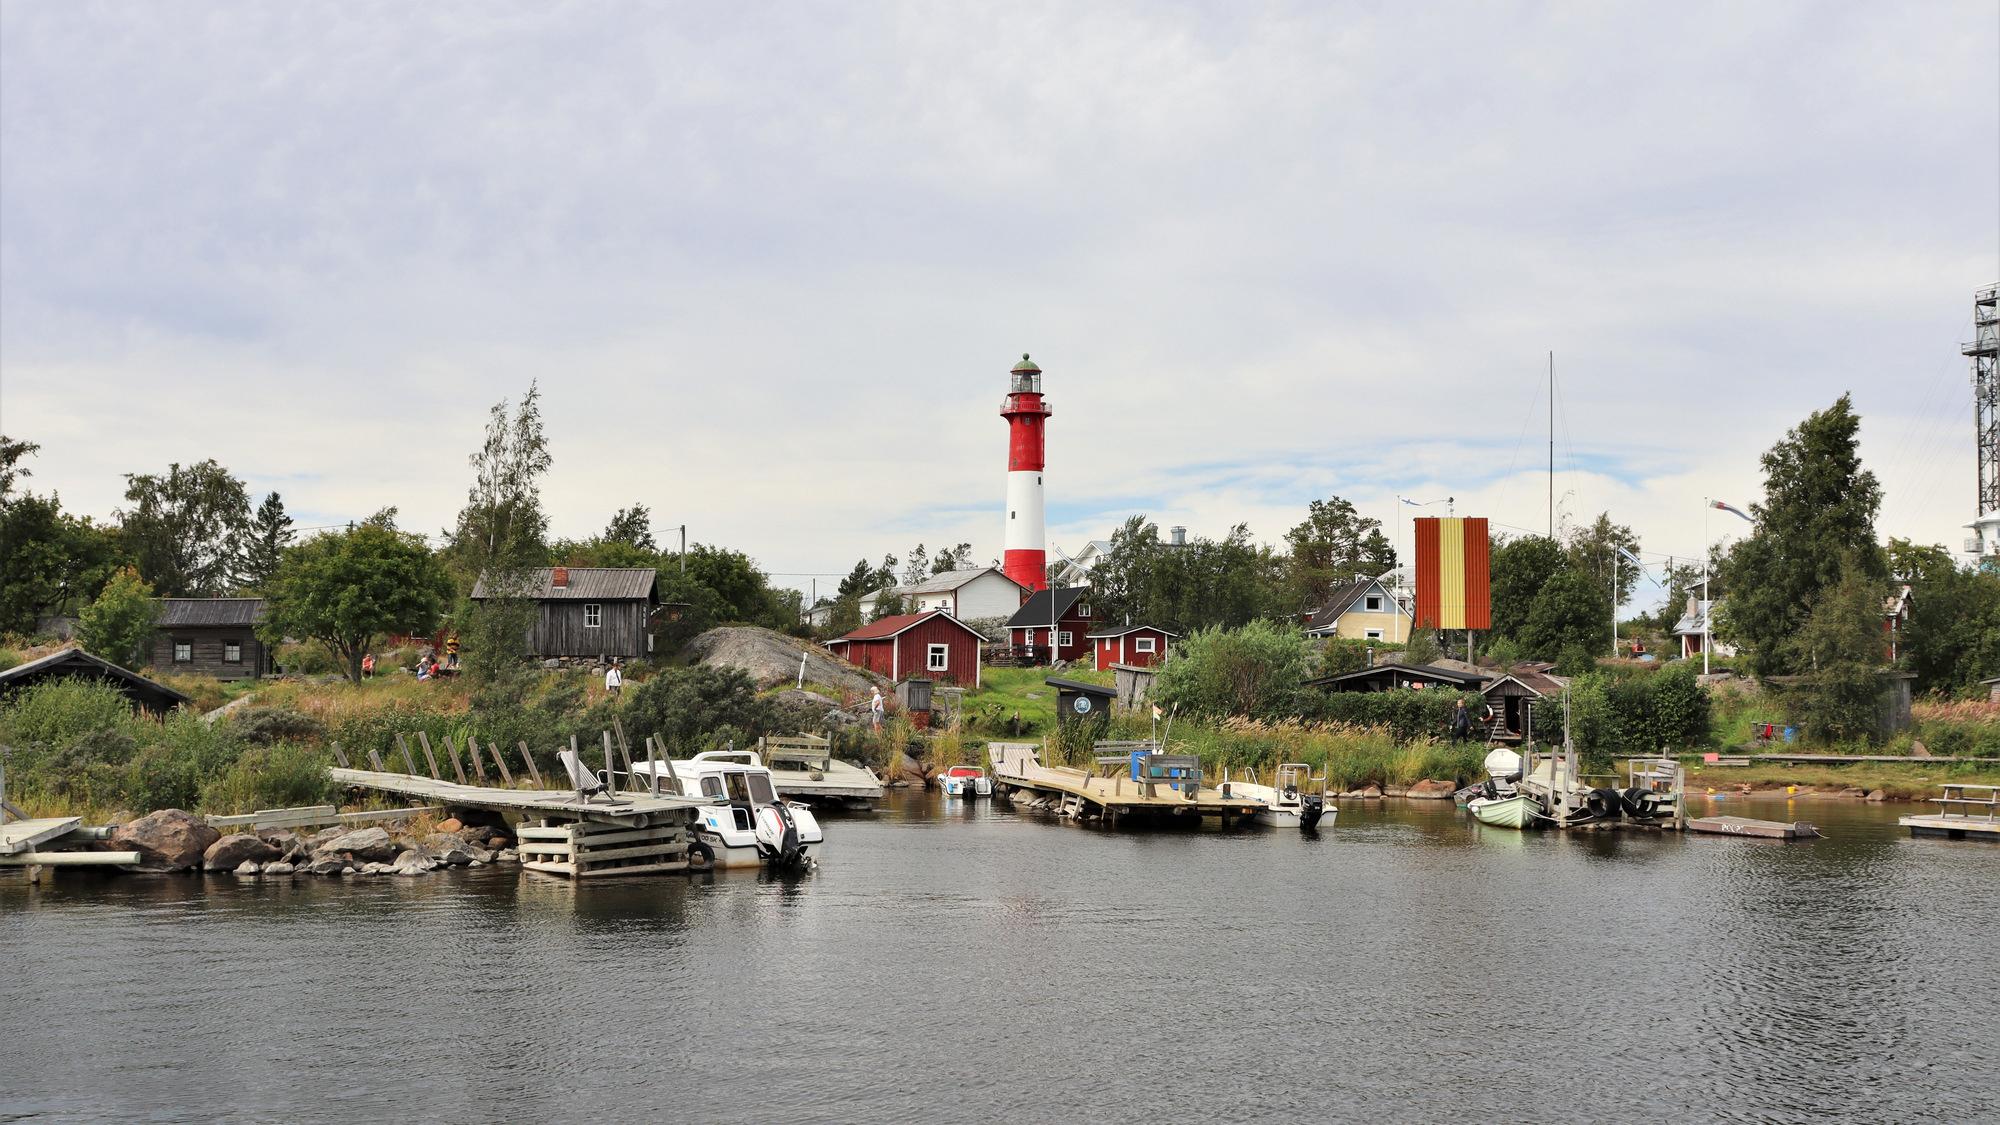 Mereltä otettu kuva Tankarin venesatamasta. Taustalla näkyy saarella olevia puumökkejä sekä Tankarin punavalkoinen majakka.